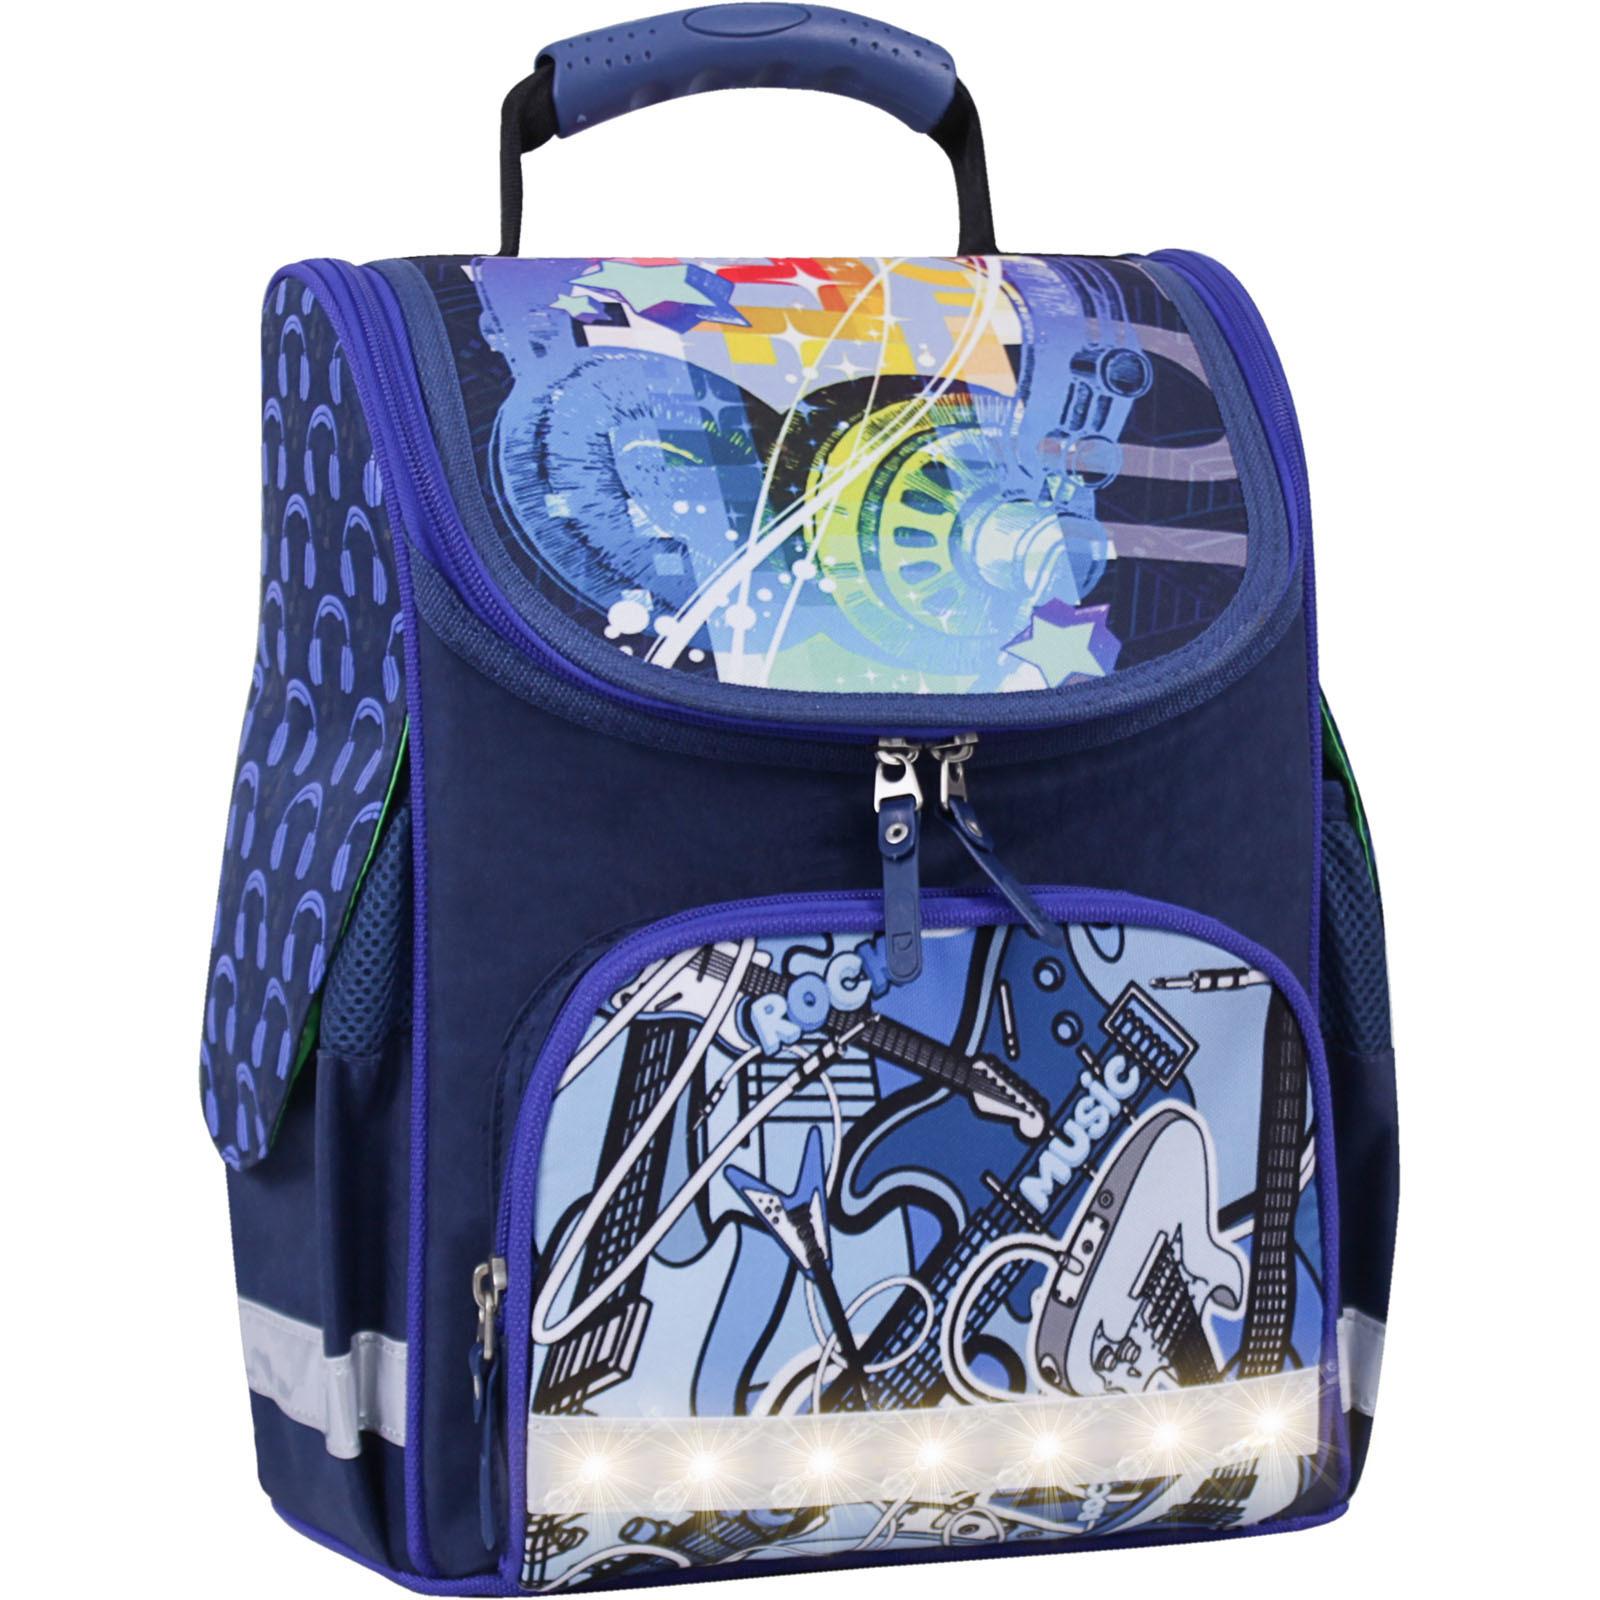 Для детей Рюкзак школьный каркасный с фонариками Bagland Успех 12 л. синий 614 (00551703) IMG_3803свет.суб614-1600.jpg